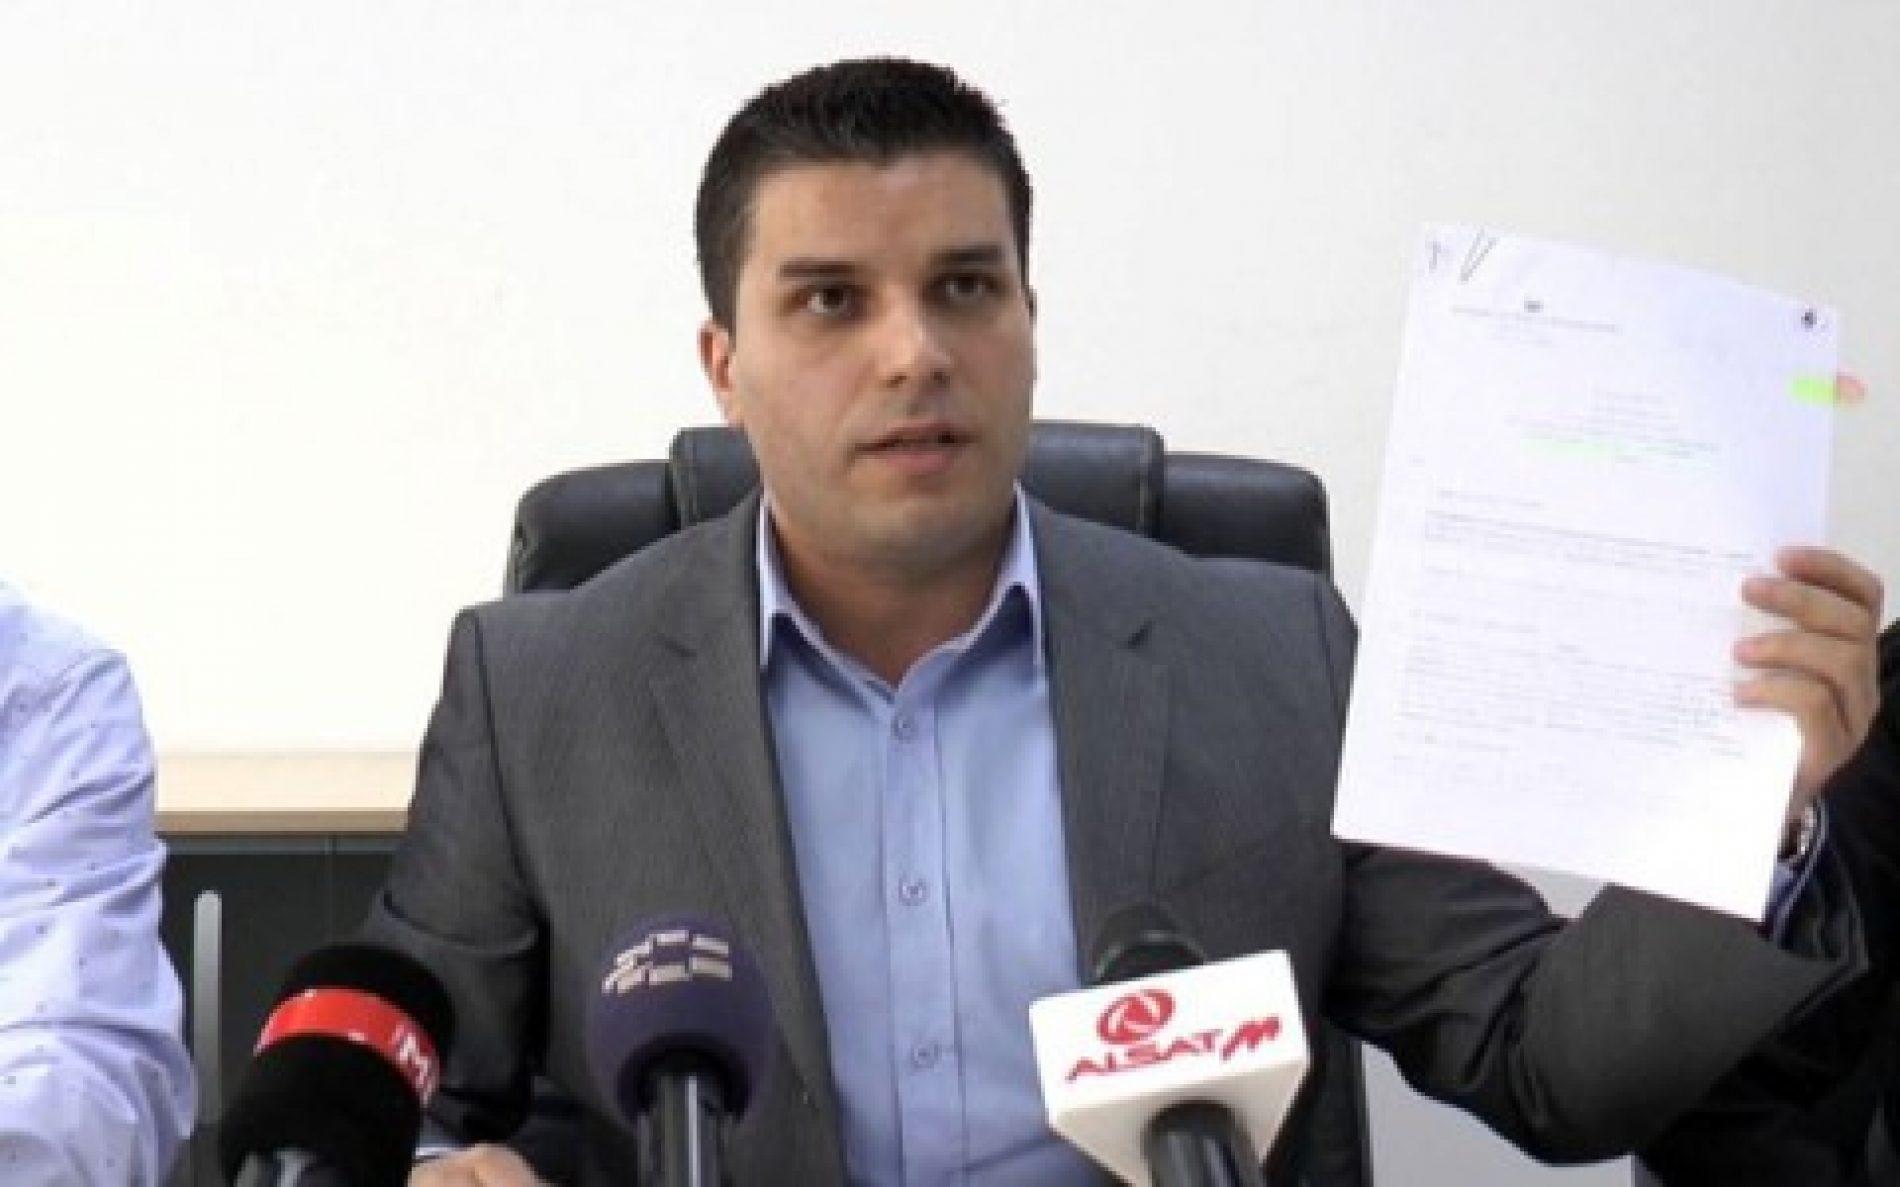 Zv/ministri i Bujqësisë, Nikollovski kërkon ndryshime në ligjin për gjueti